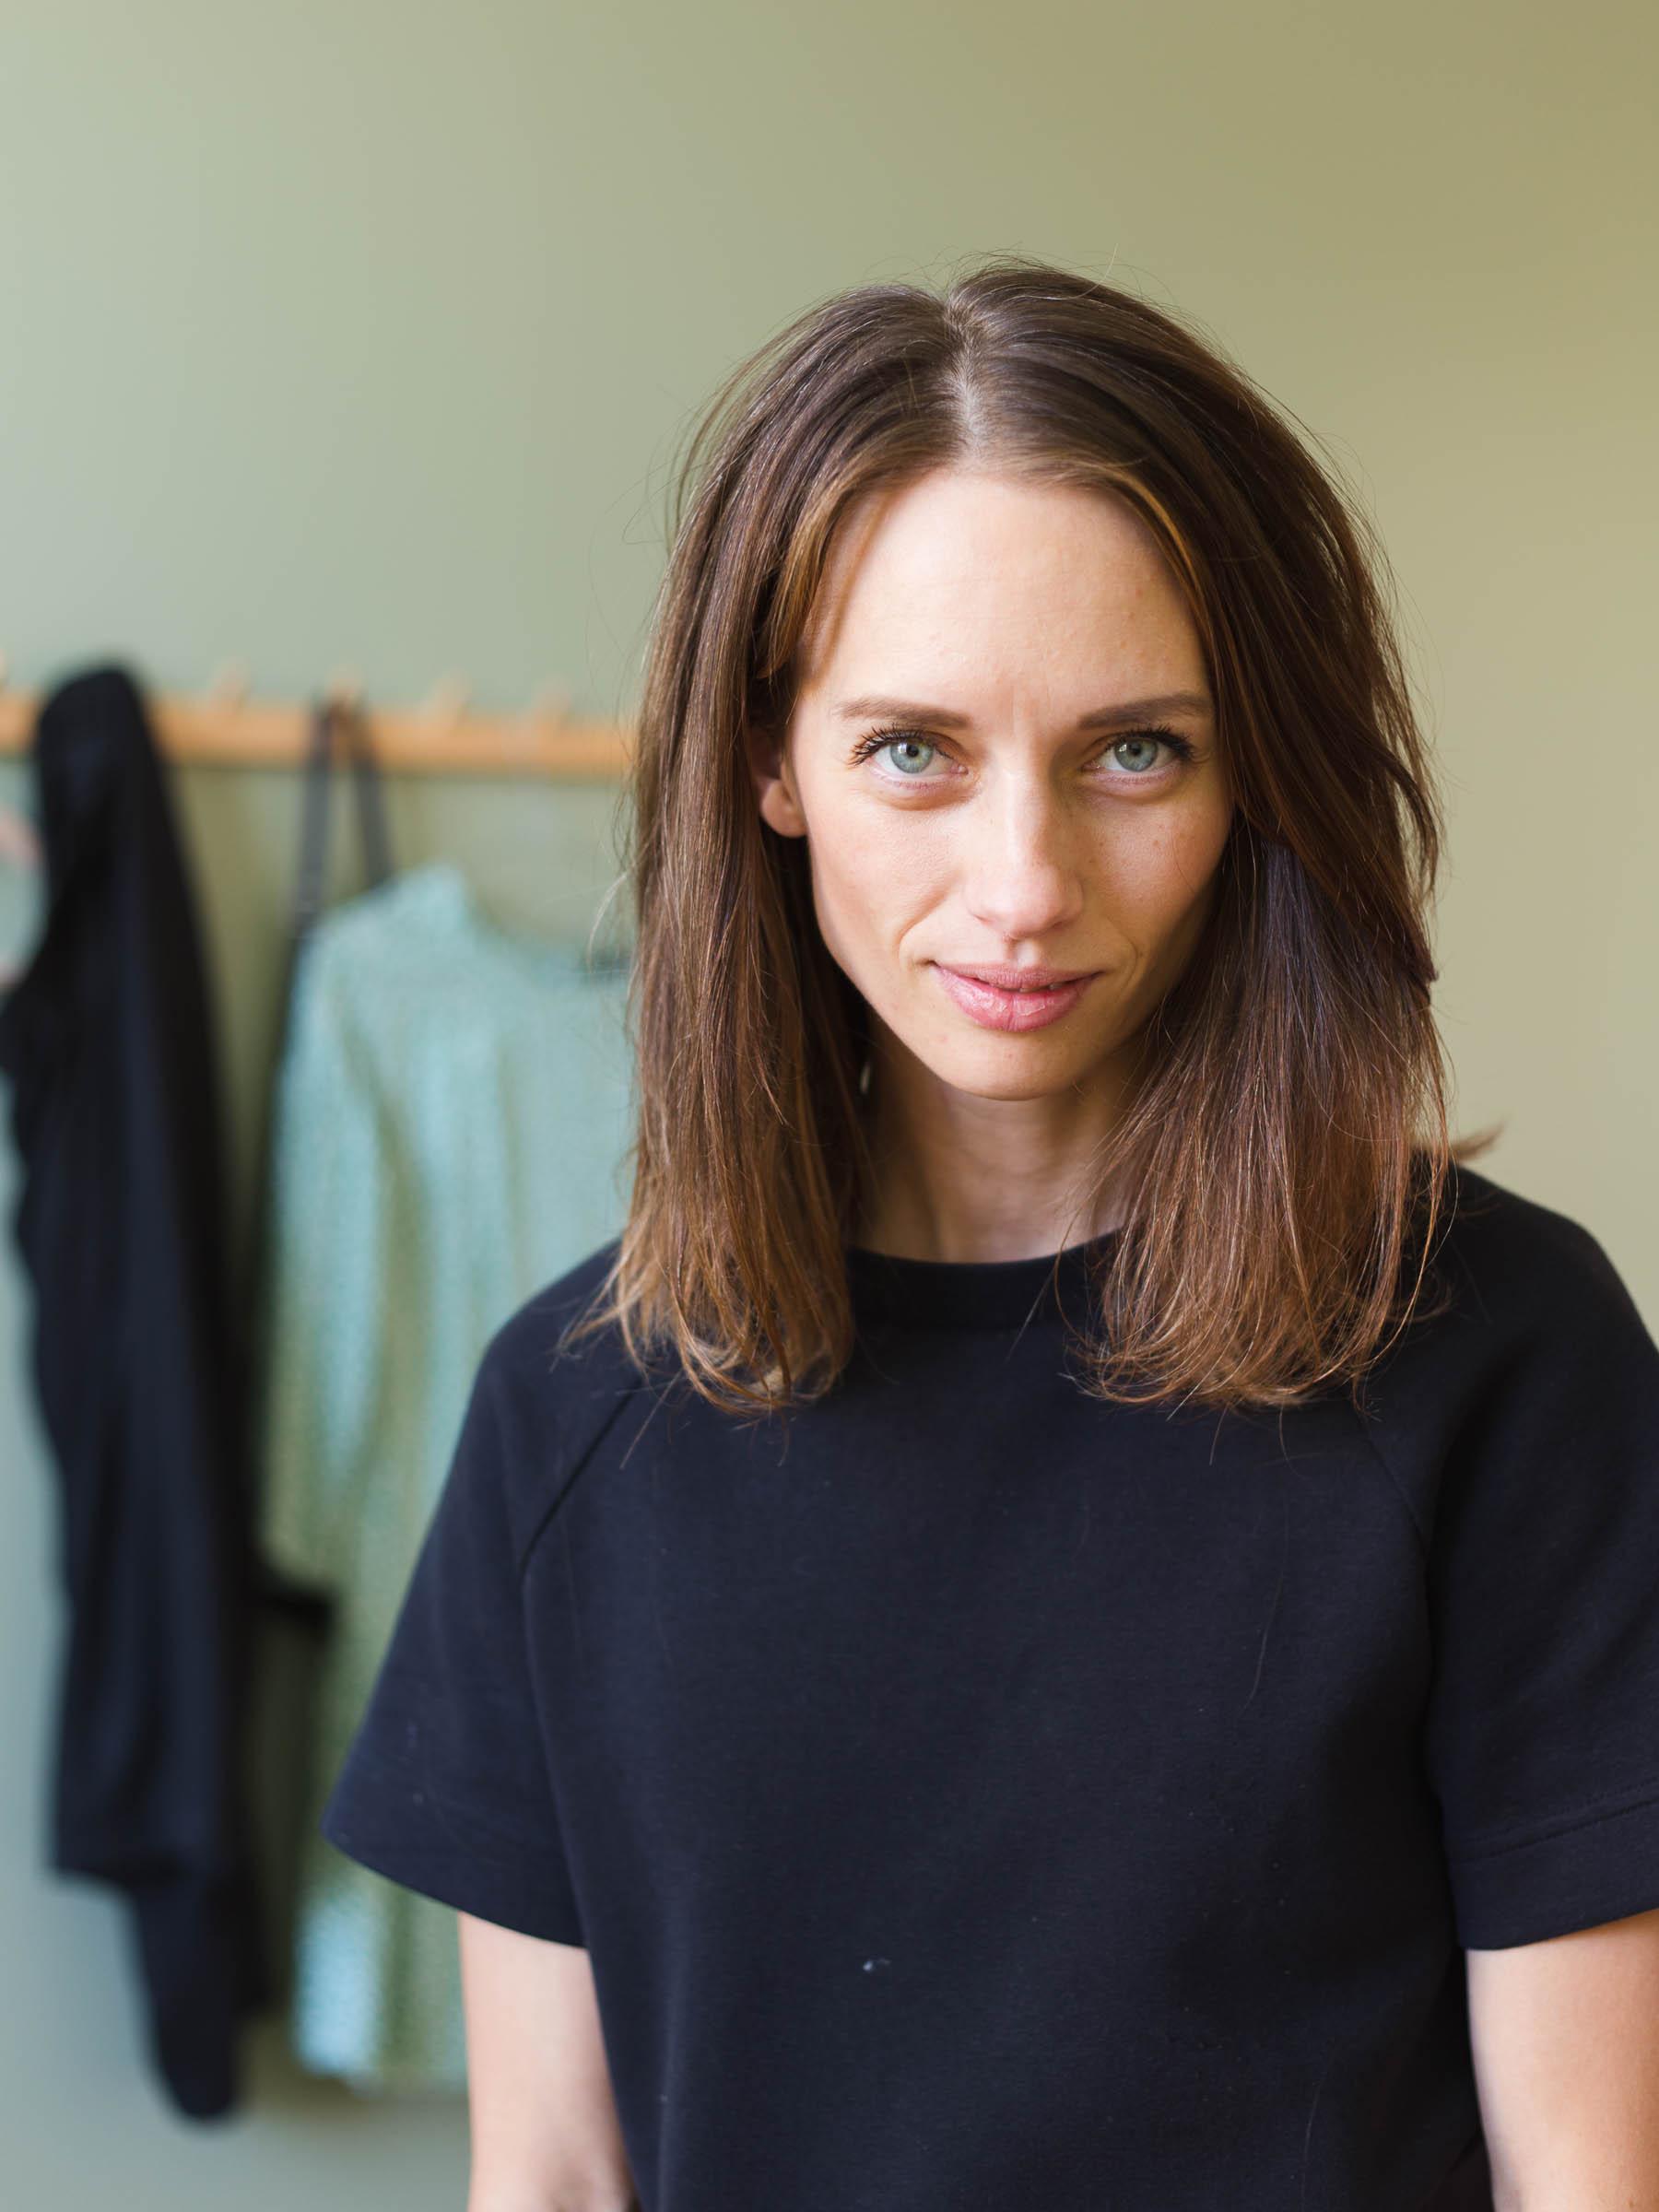 Anna María långt hår, före klippning